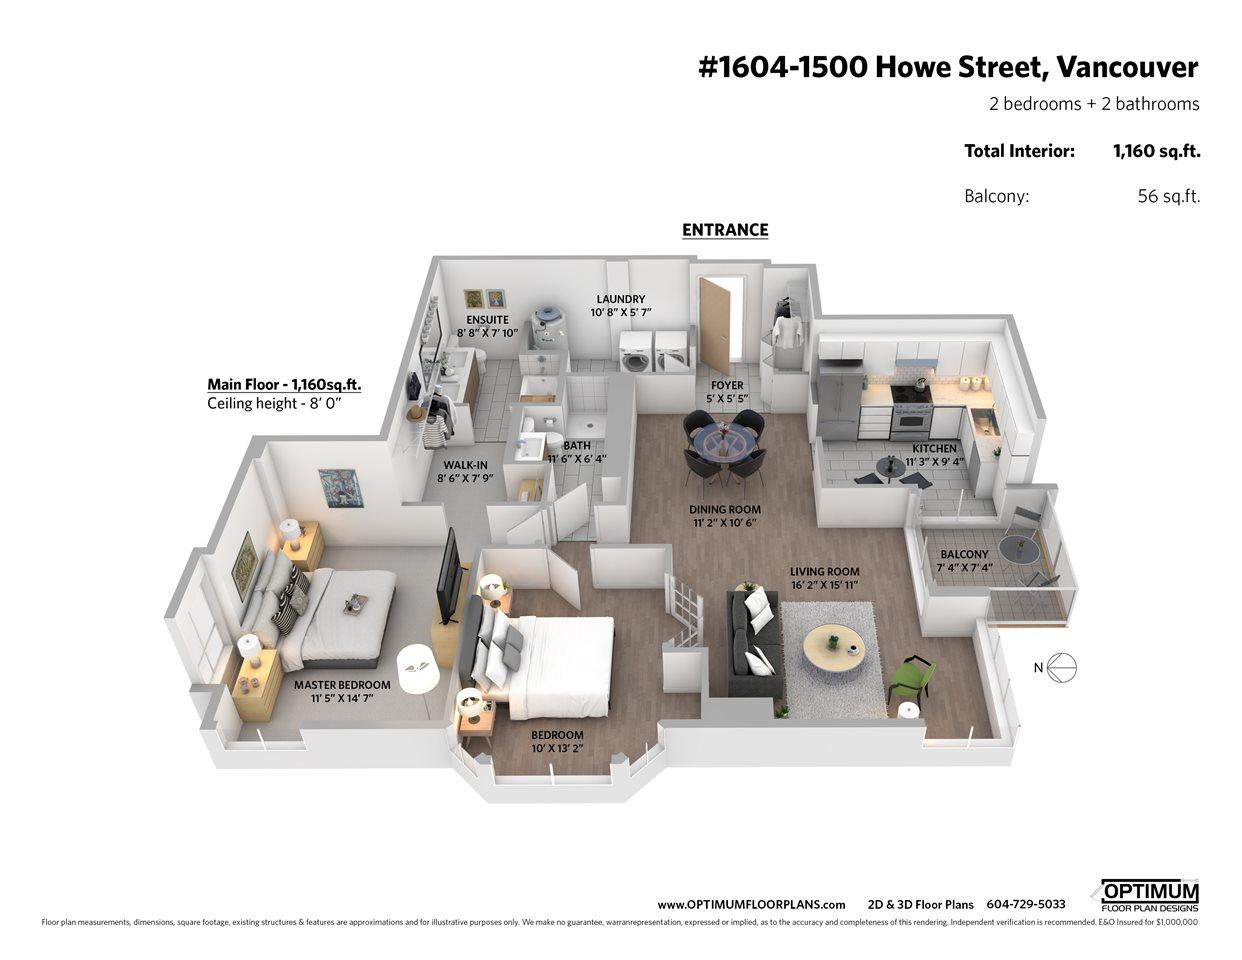 1604 1500 HOWE STREET - MLS® # R2419631